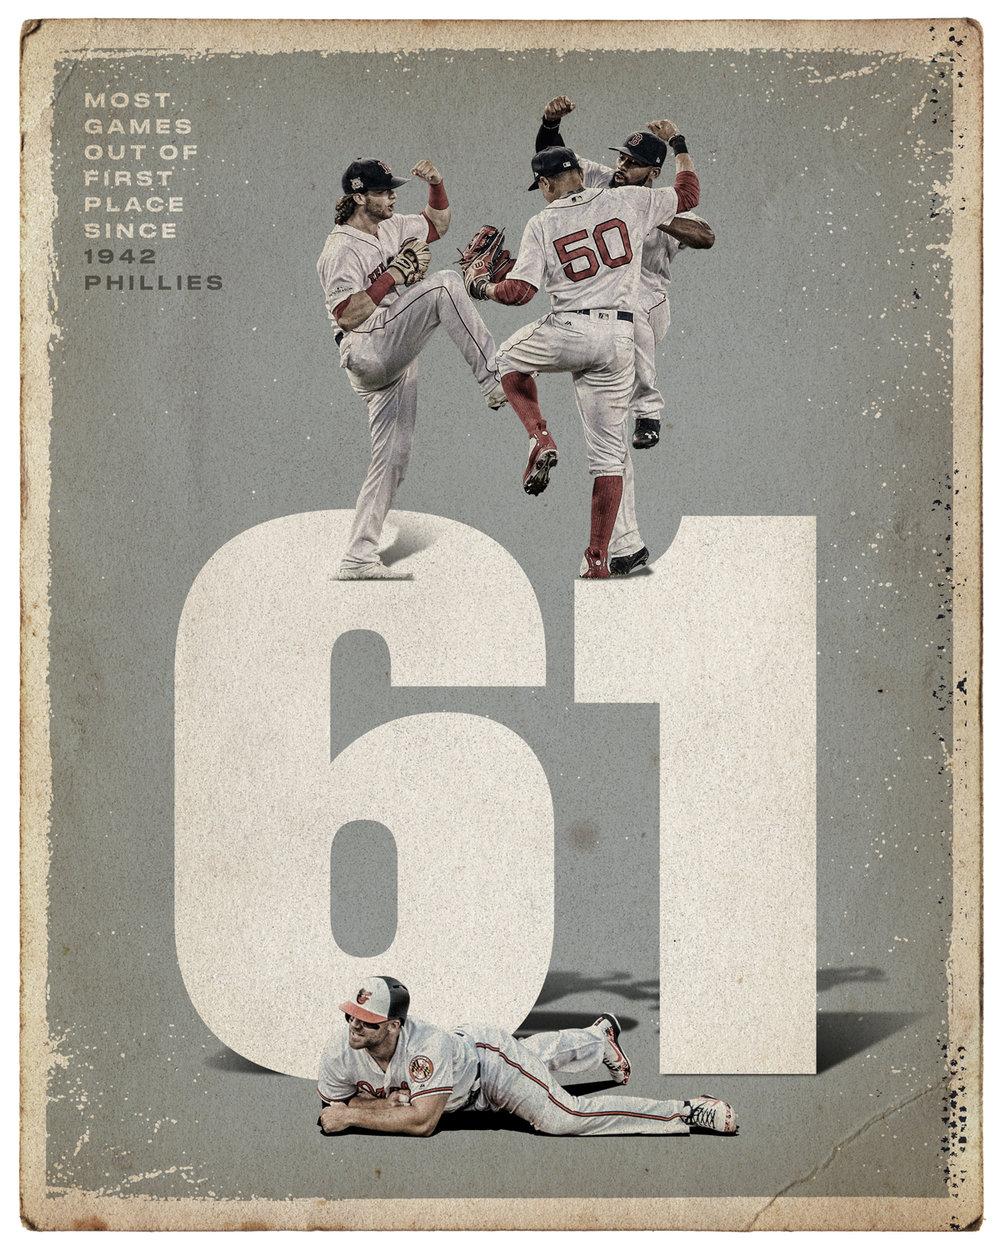 Orioles_ByTheNumbers_61-Games.jpg